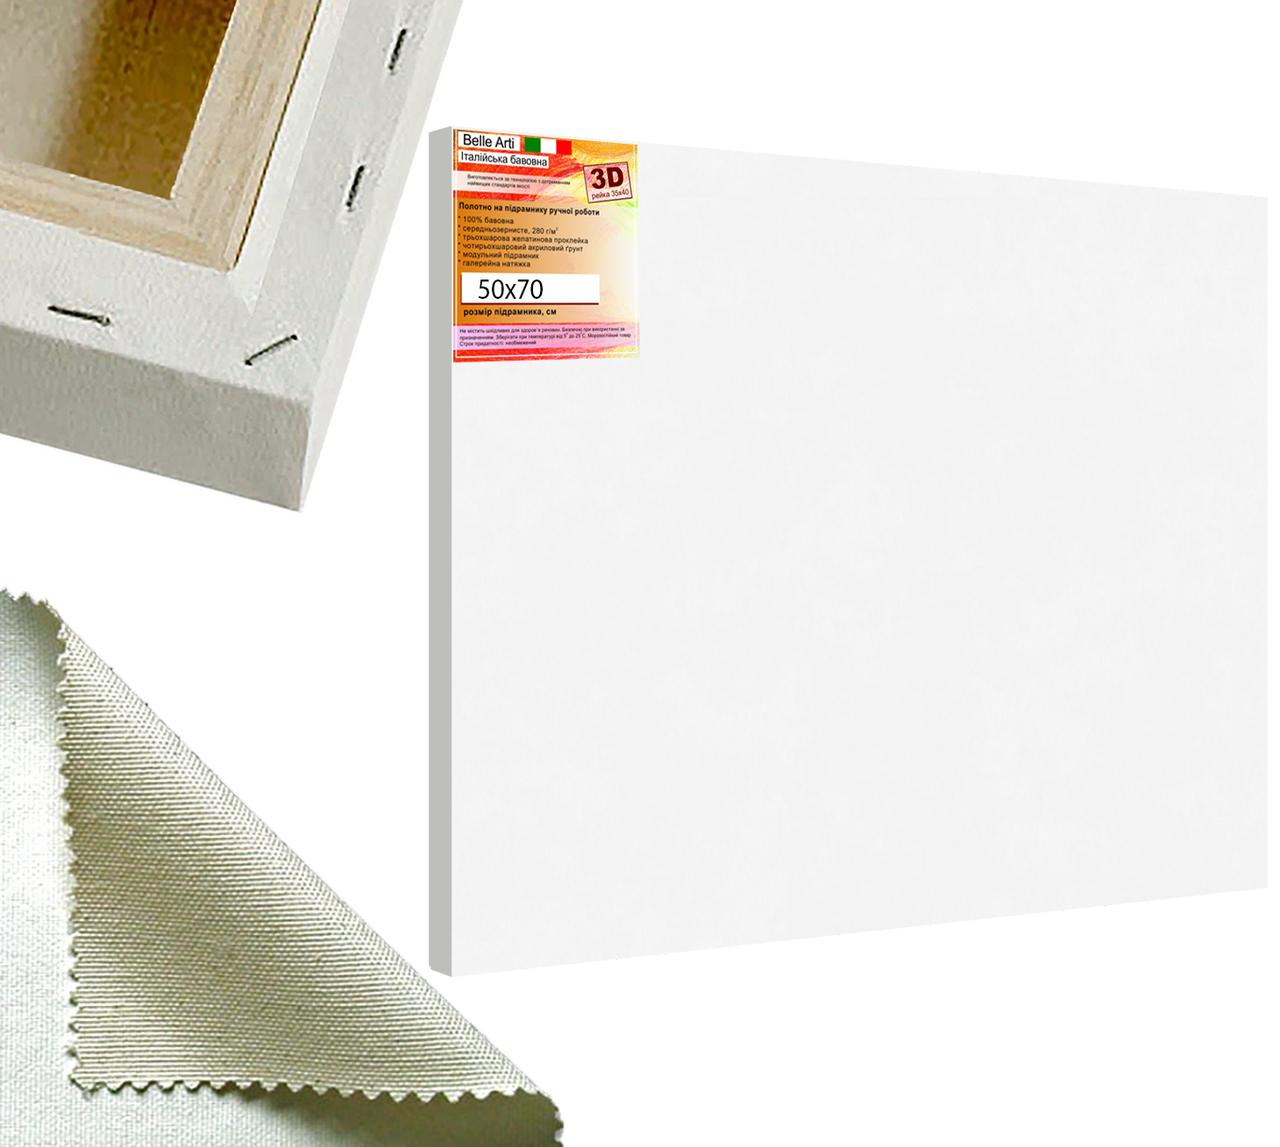 Холст на подрамнике Factura BelleArti 3D 50х70 см Итальянский хлопок 285 грамм кв.м. среднее зерно белый